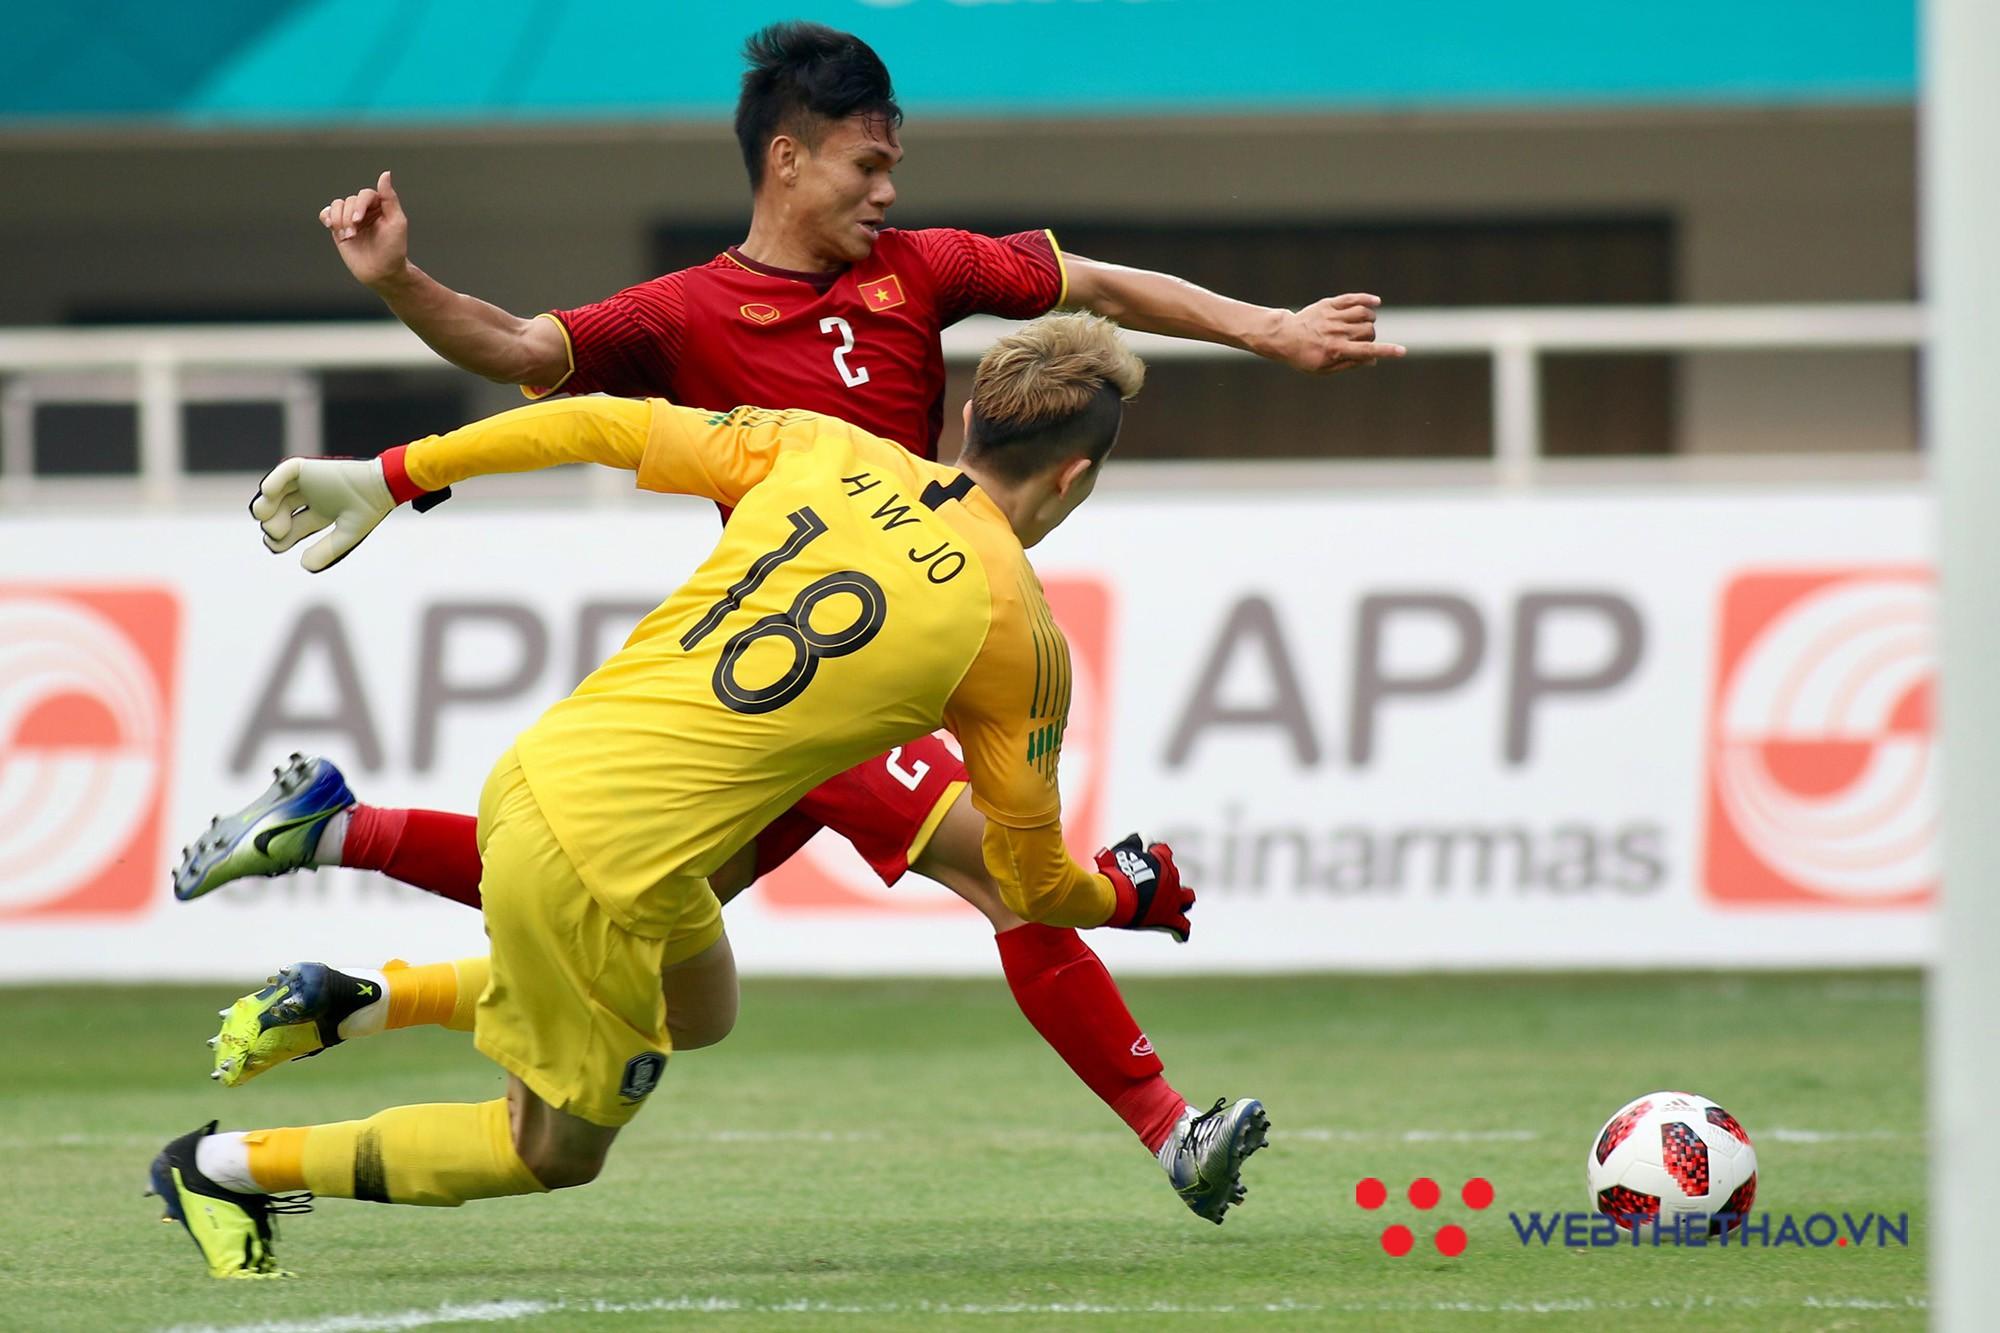 Bóng đá Việt Nam khó vượt Thái khi cầu thủ chỉ thi đấu trong nước - Ảnh 1.